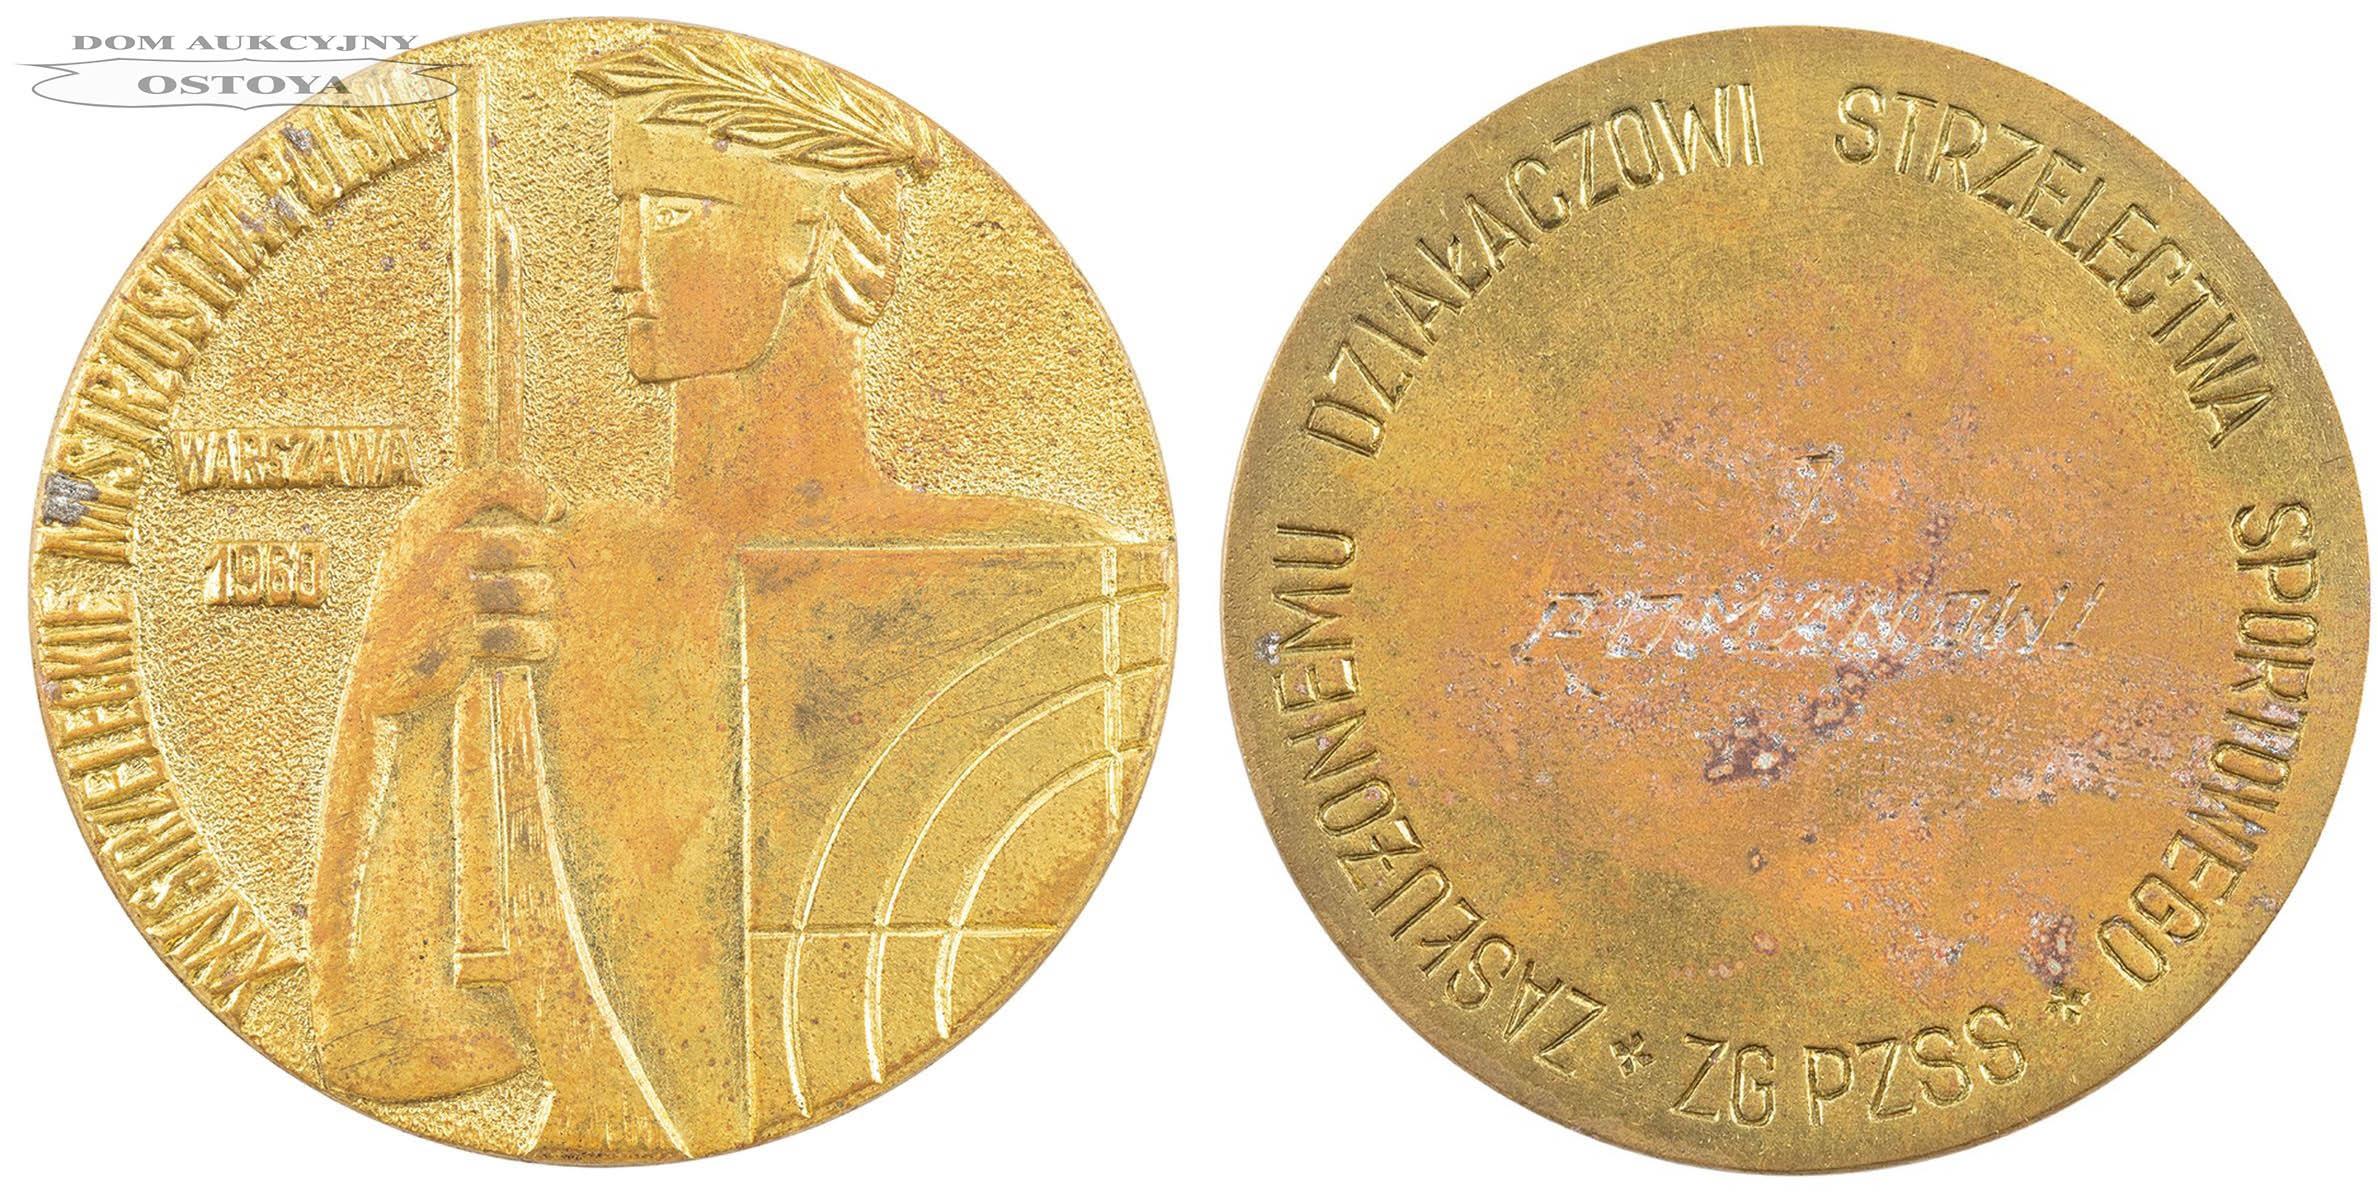 MEDAL JERZEGO ROMANA, XXV Strzeleckie Mistrzostwa Polski, Warszawa, 1960